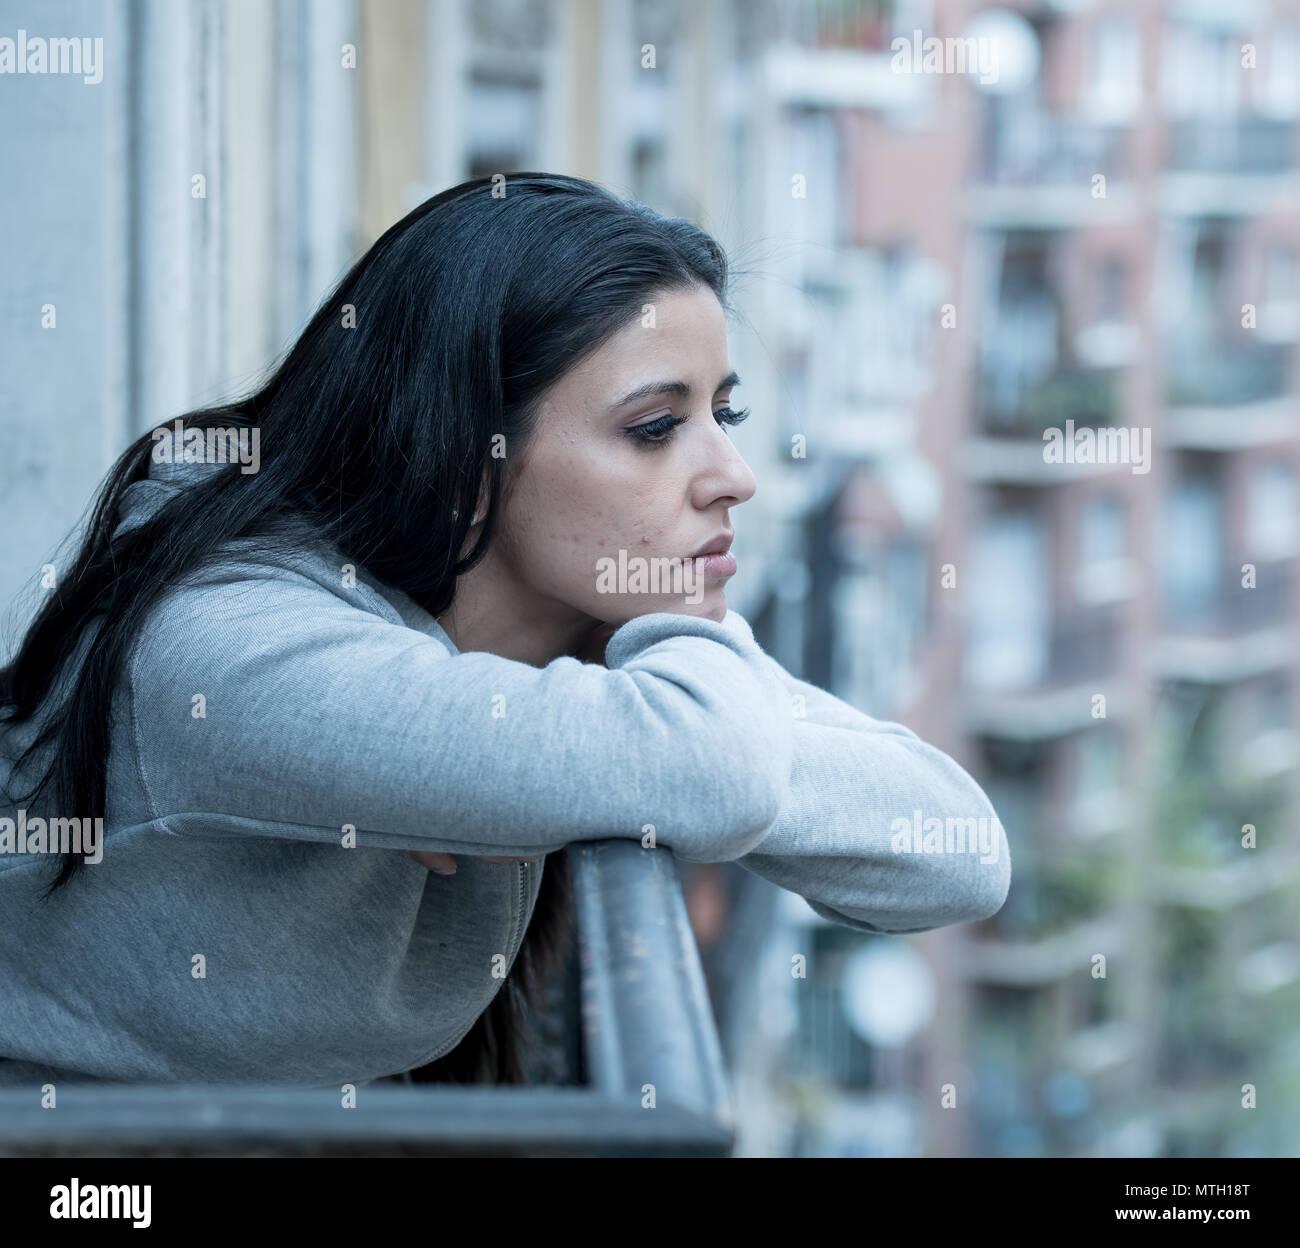 Hermosa latina pisado solitaria mujer mirando por sentimientos de tristeza, dolor y preocupación en un balcón de la casa. Crisis, depresión y salud mental concepto Imagen De Stock